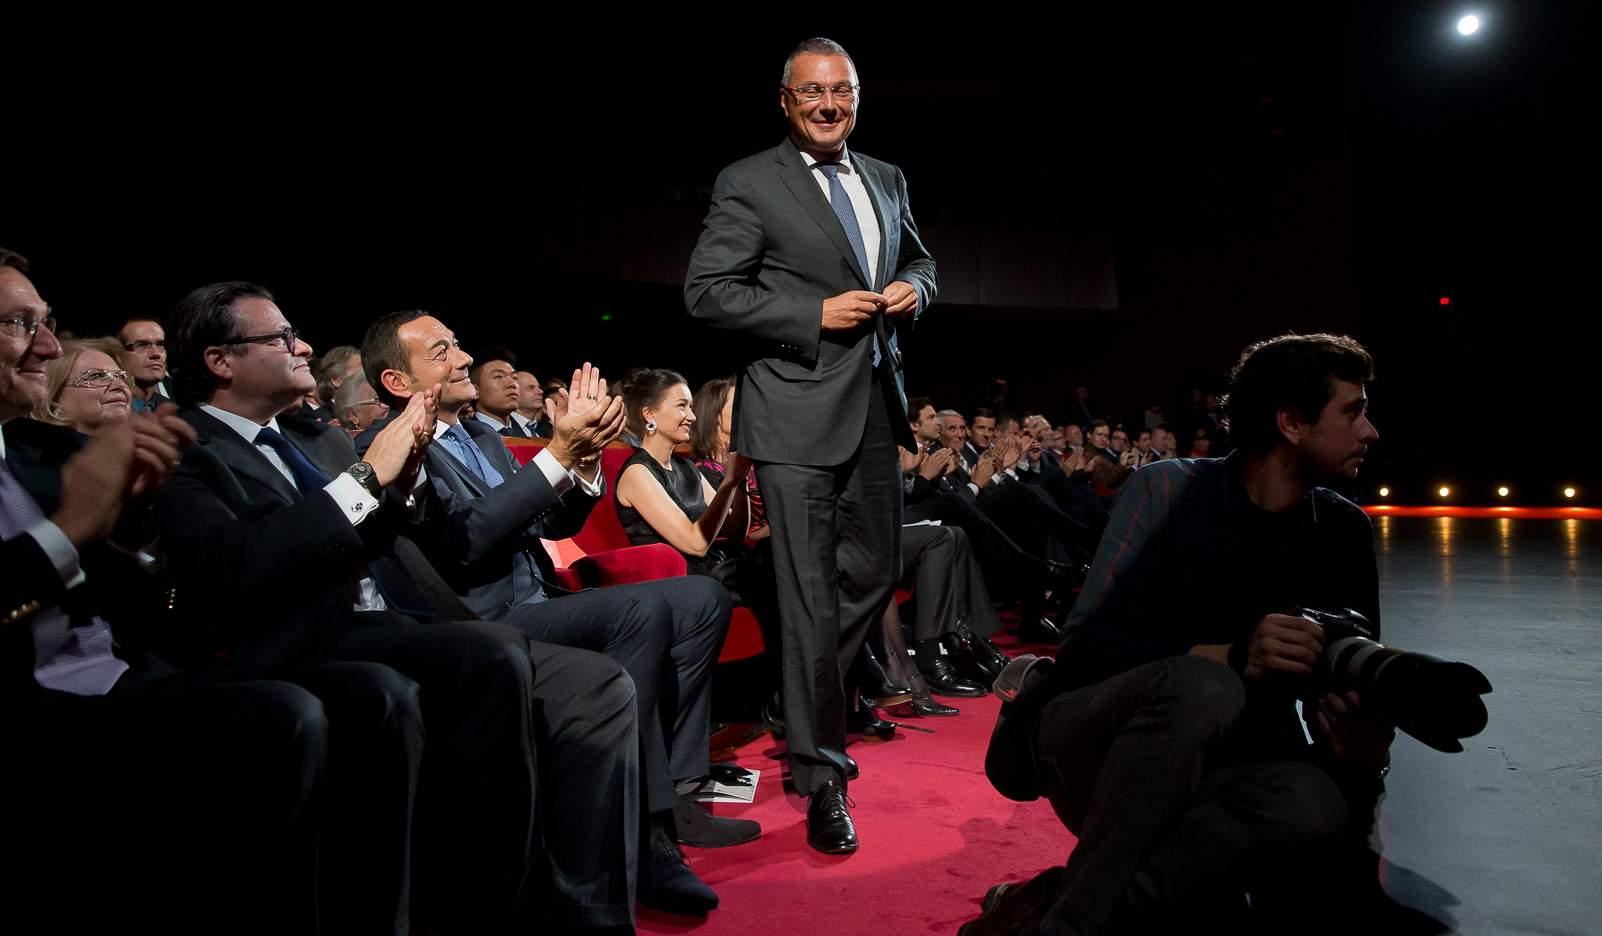 Jean-Christophe Babin (CEO of Bulgari, winner of the Jewellery Watch Prize 2014)